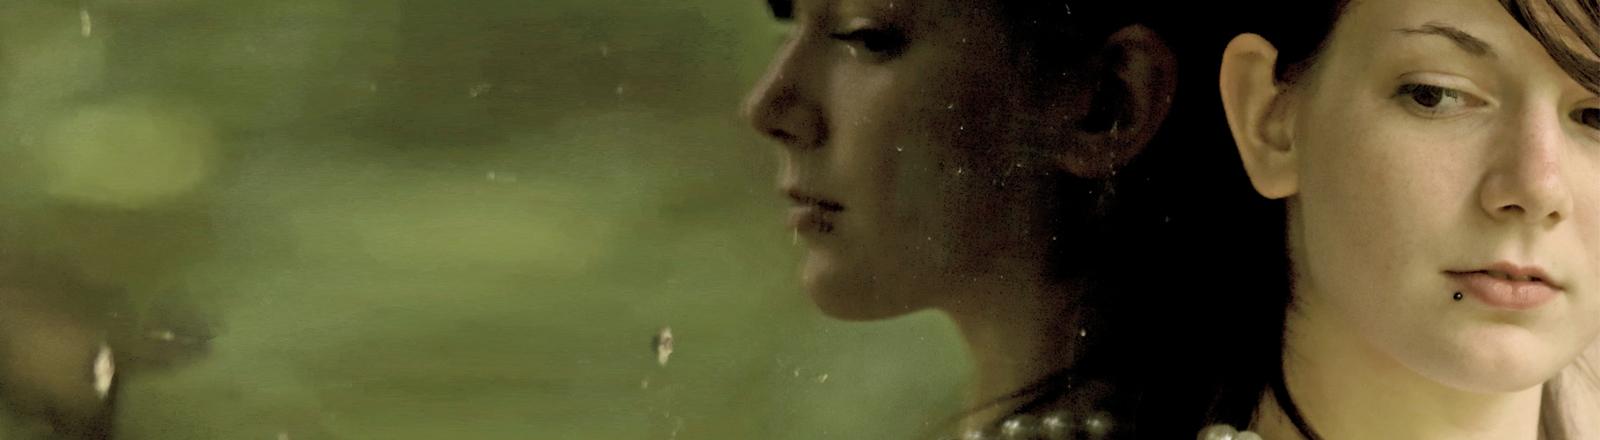 Eine Frau schaut nachdenklich drein und spiegelt sich in einem Fenster.